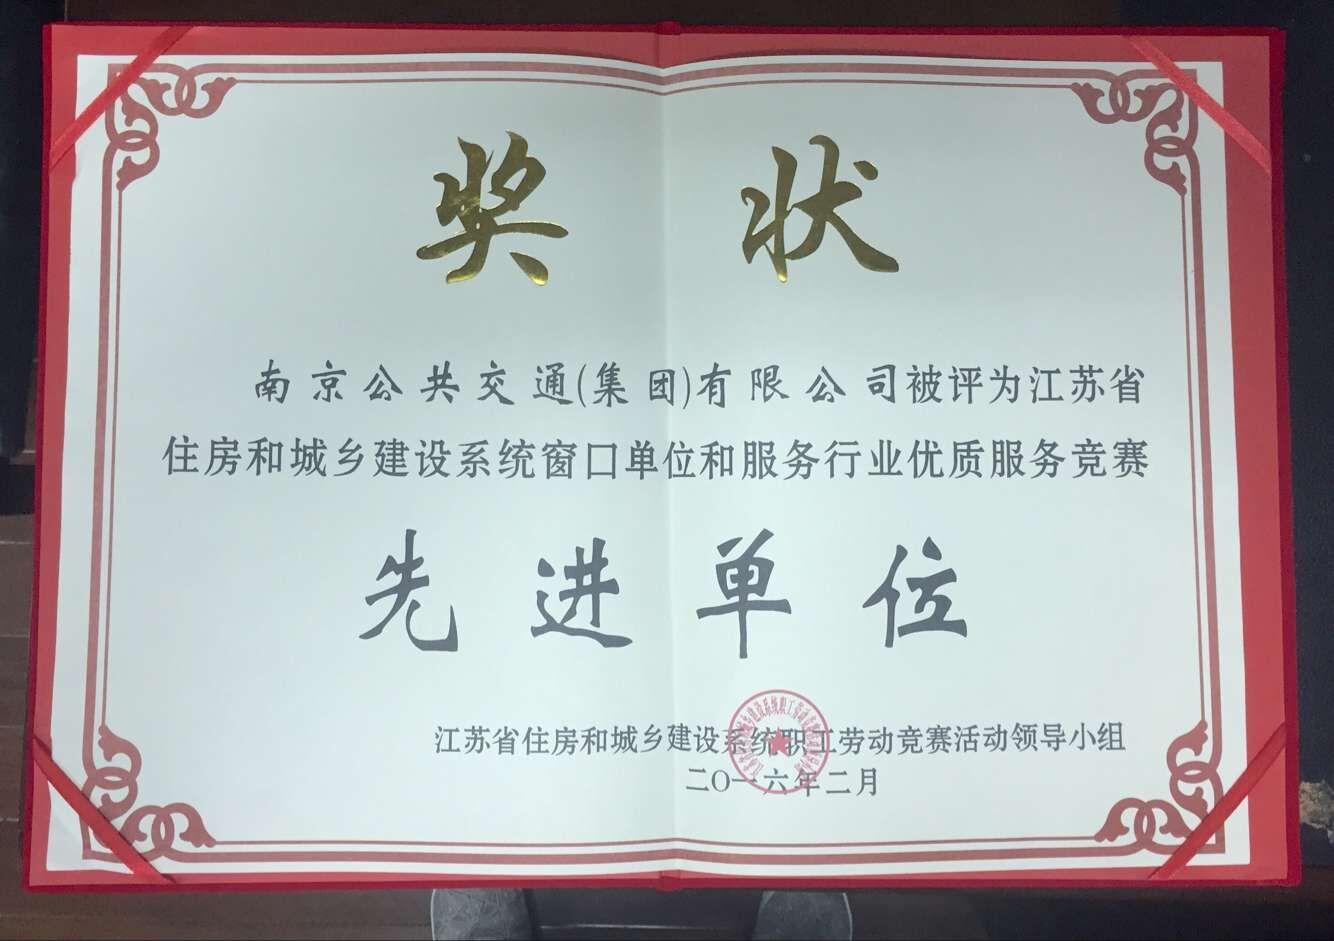 江苏省住房和城乡建设系统窗口单位和服务行业优质服务竞赛先进单位